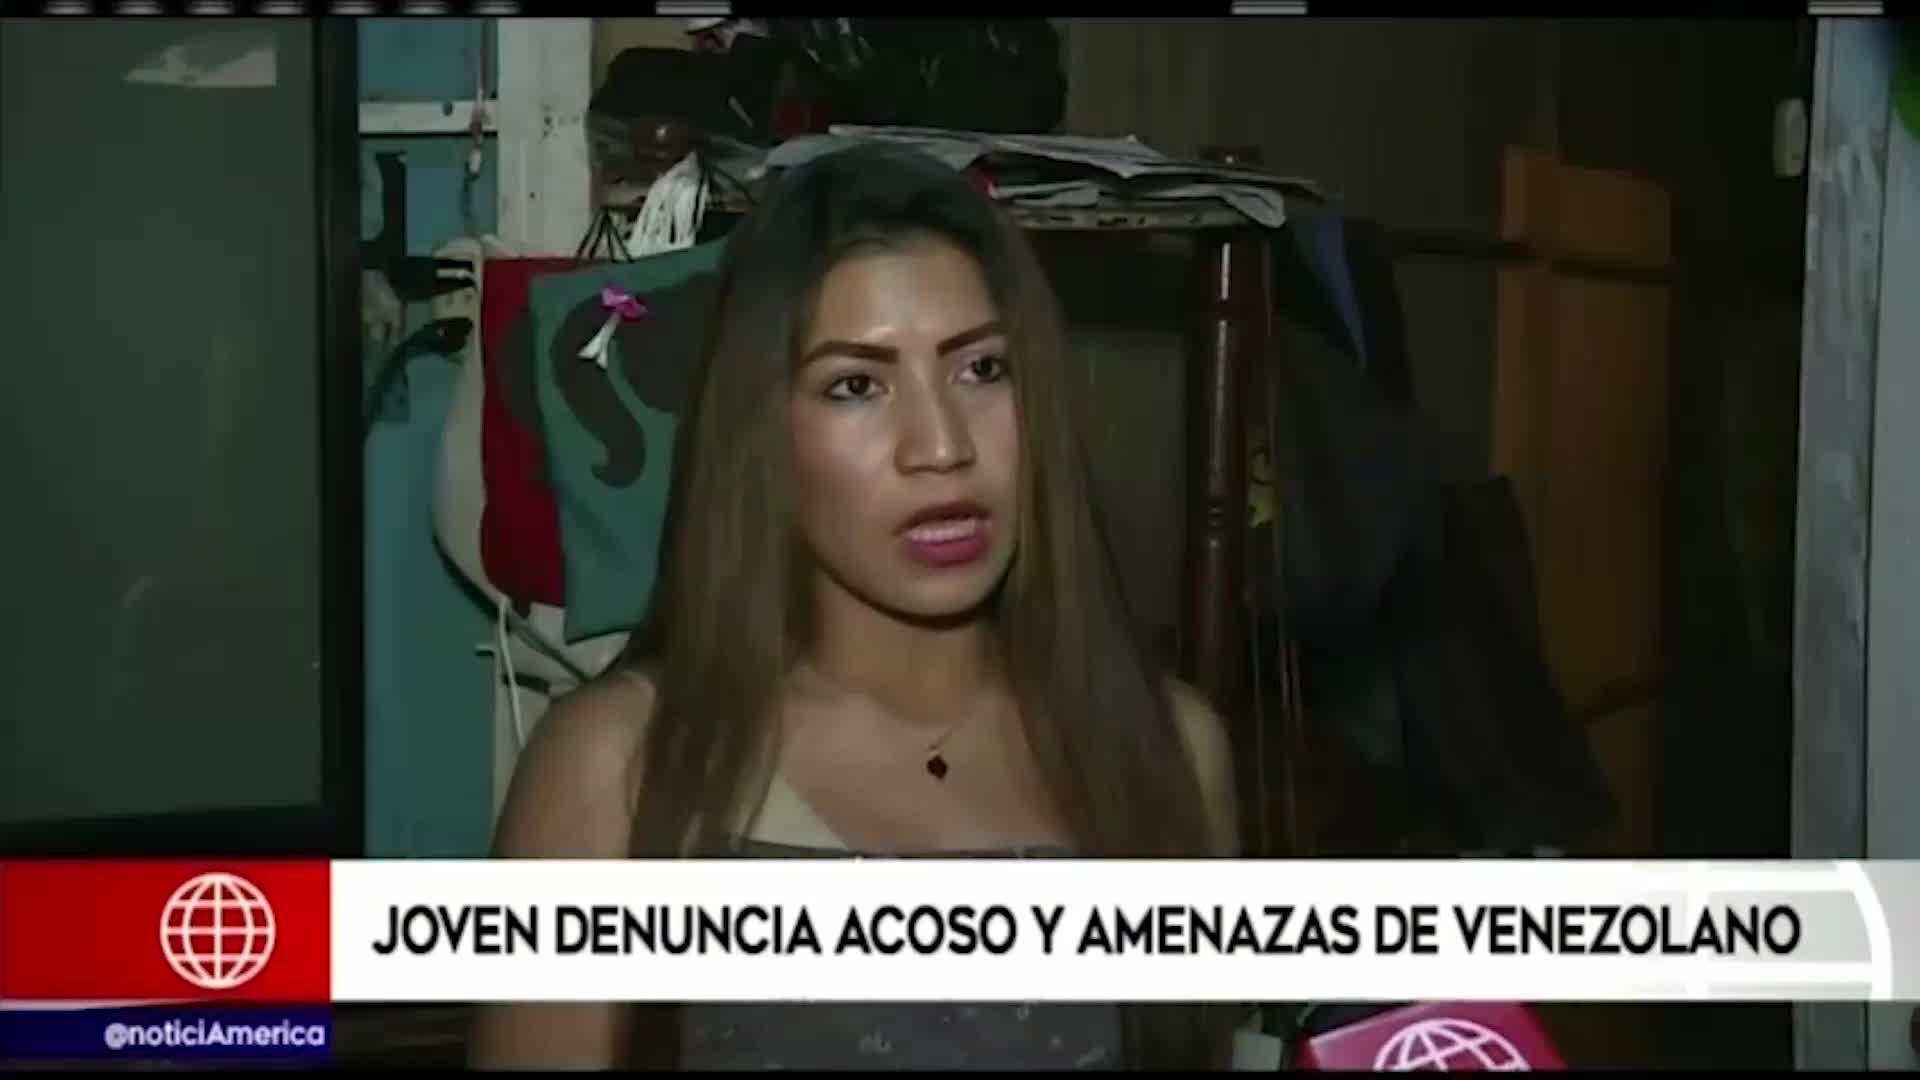 Mujer denuncia acoso y amenazas de muerte de ciudadano extranjero